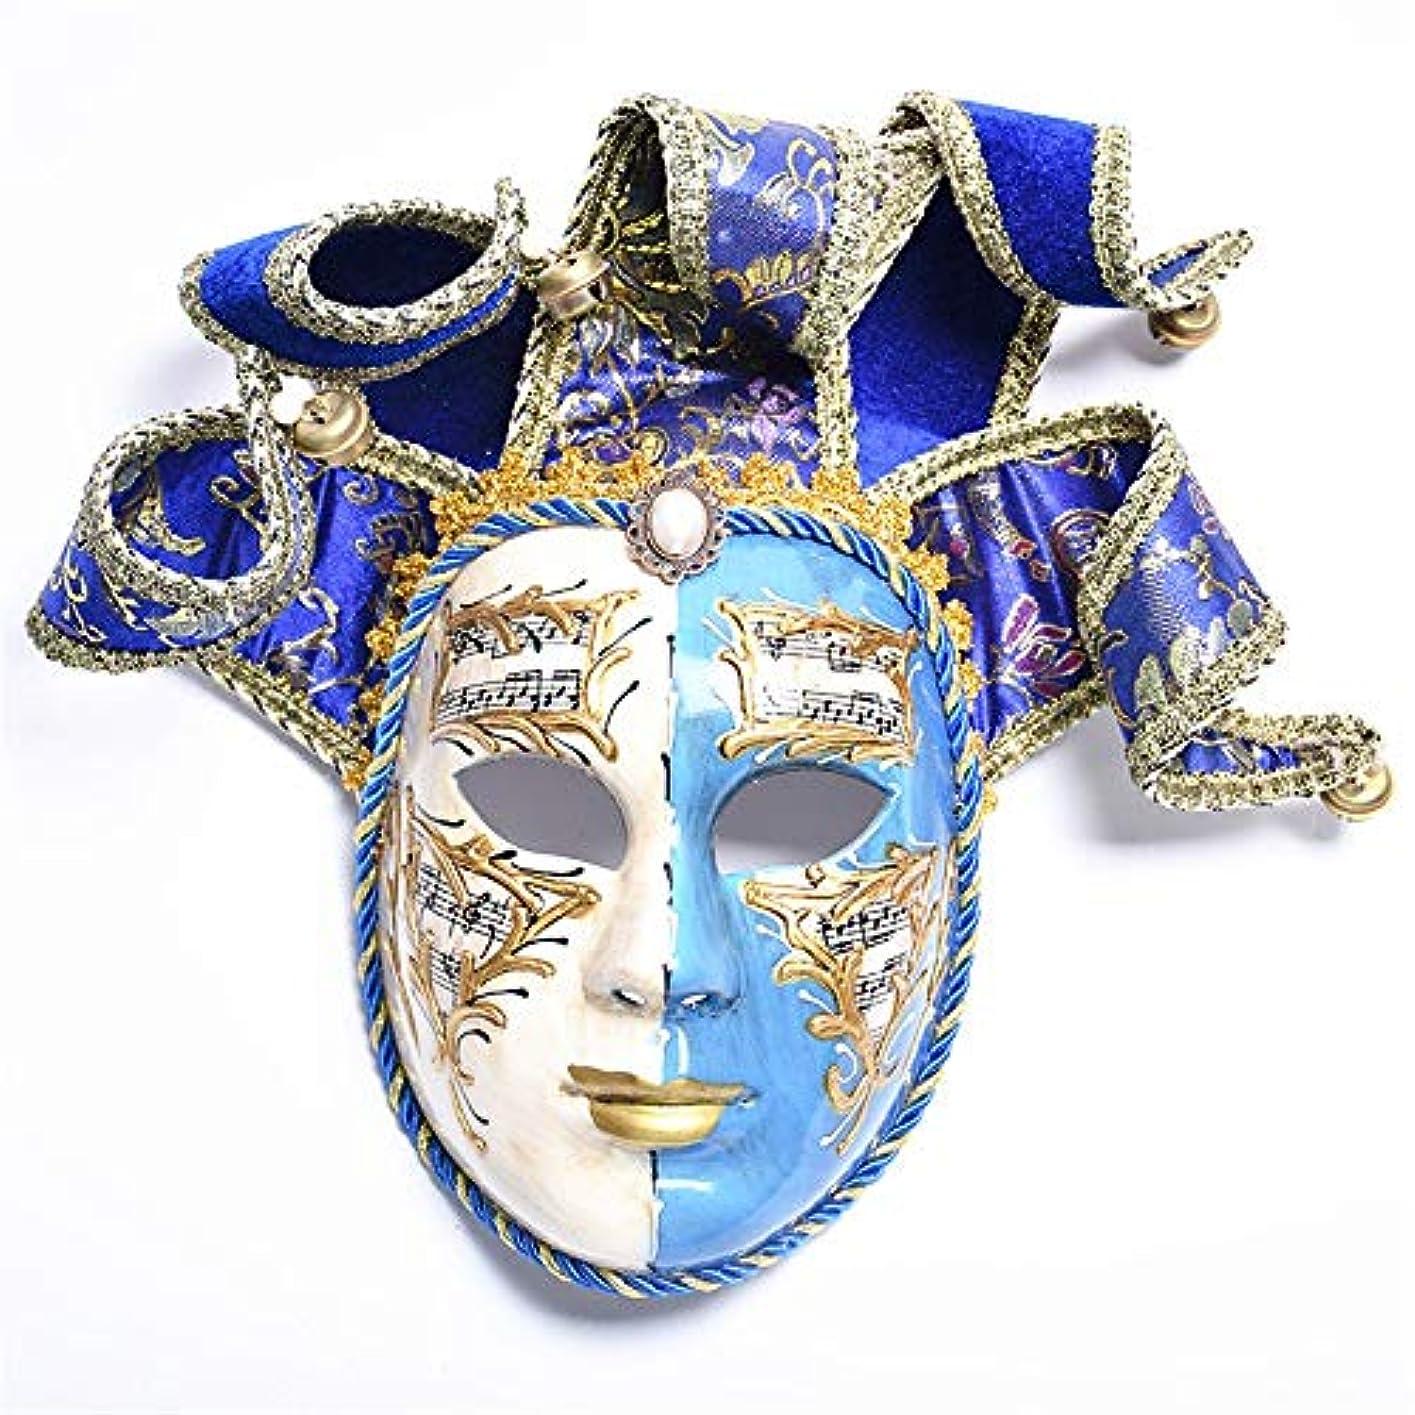 破裂リマーク豊富なダンスマスク 青と白の2色フルフェイスマスクパーティーマスカレードマスクハロウィーンカーニバル祭コスプレナイトクラブパーティーマスク ホリデーパーティー用品 (色 : 青, サイズ : 33x31cm)